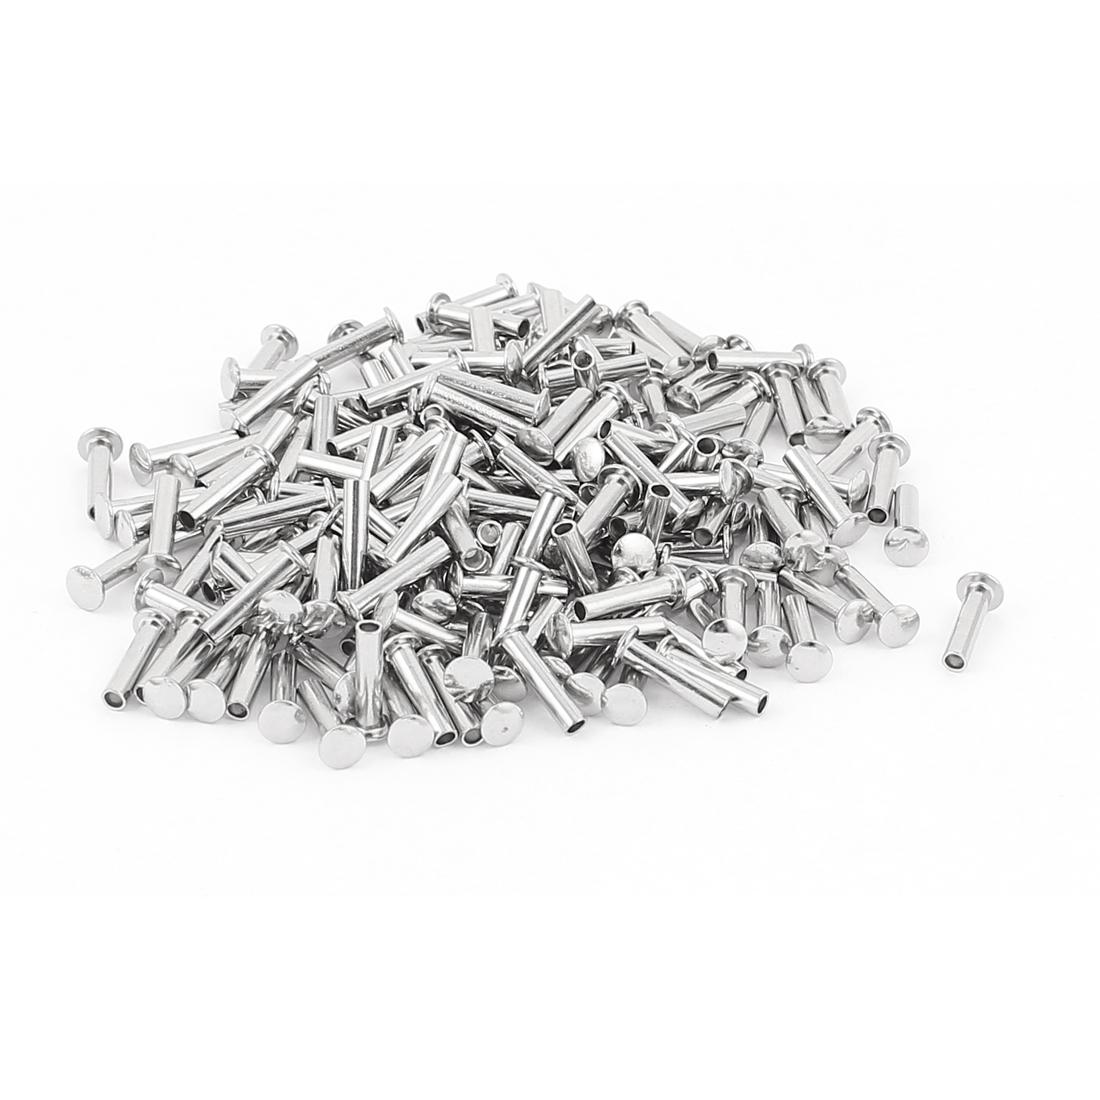 """200 Pcs 3/32"""" x 25/64"""" Nickel Plated Fasteners Oval Head Semi Tubular Rivets Silver Tone"""